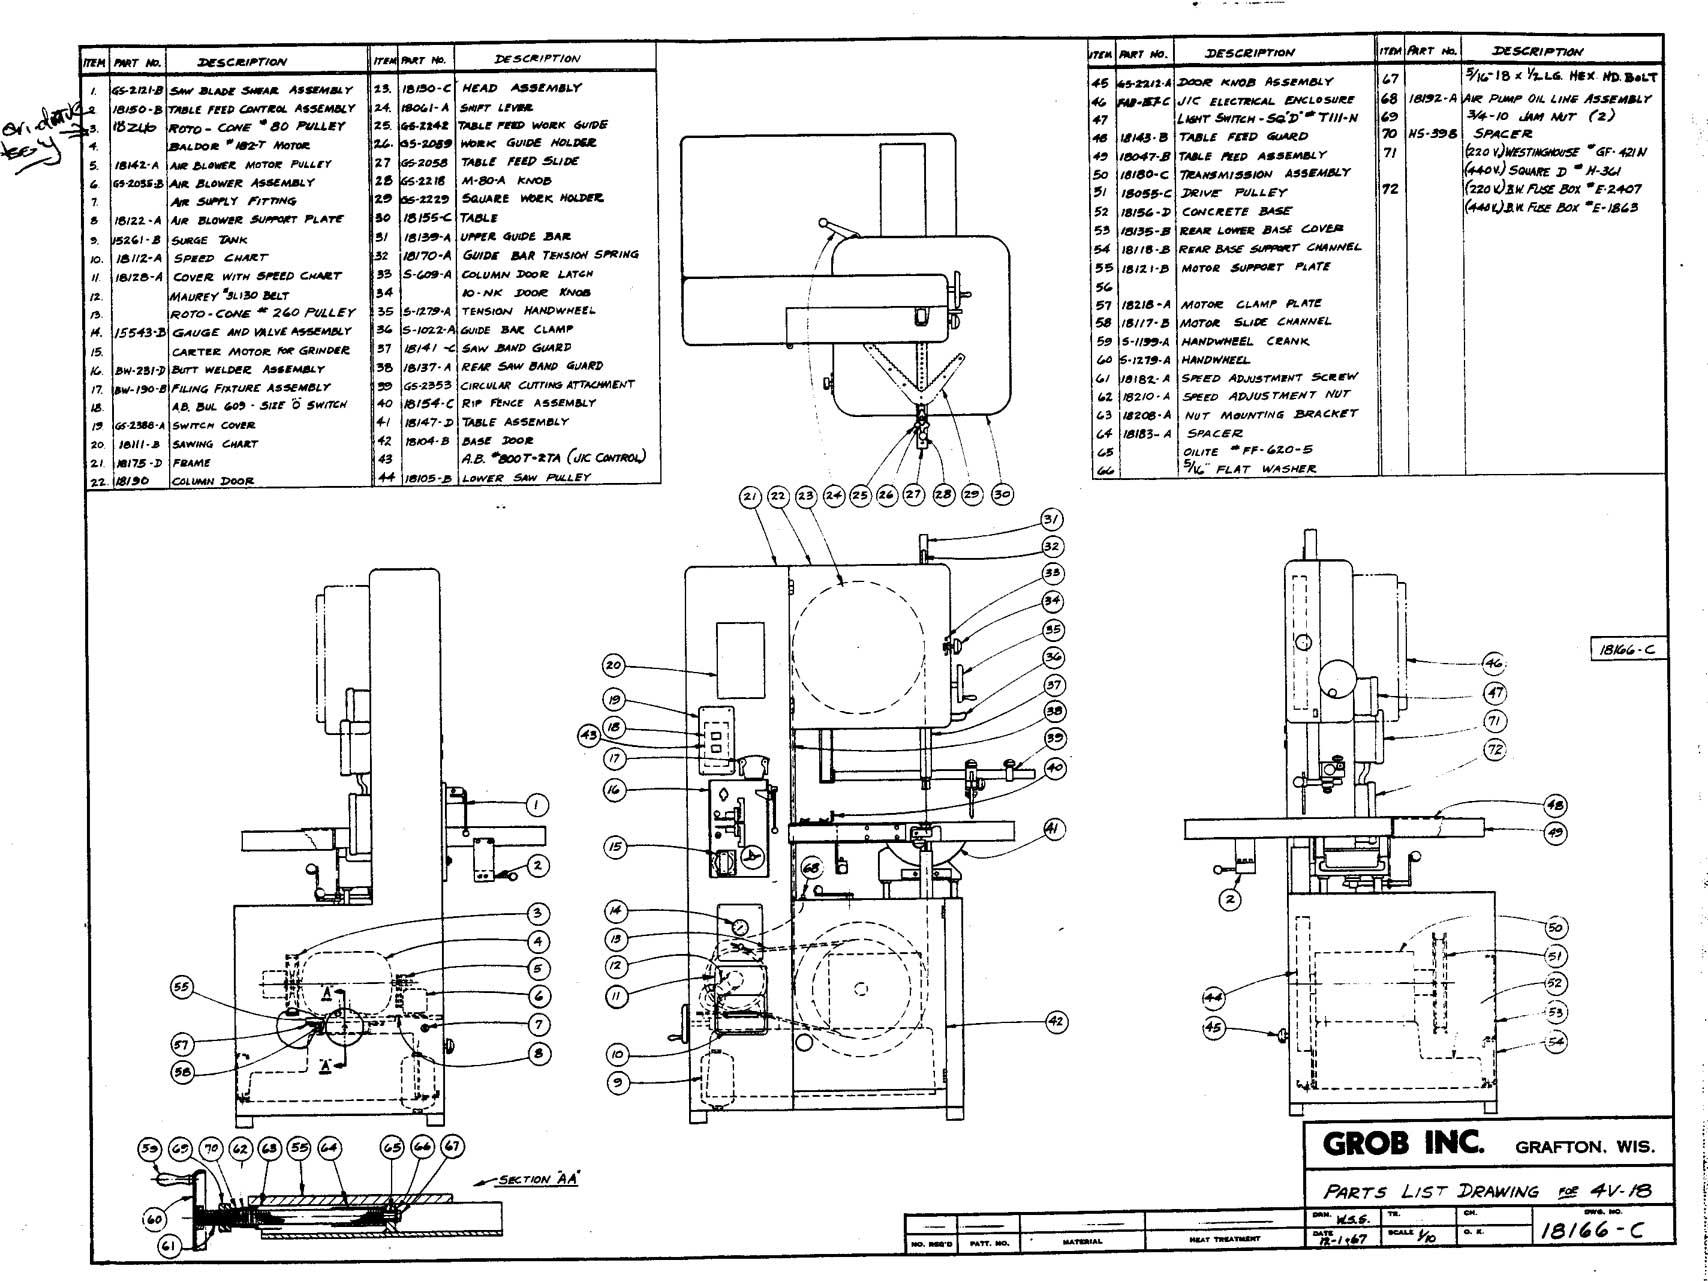 Doall 13 Lathe Wiring Schematic